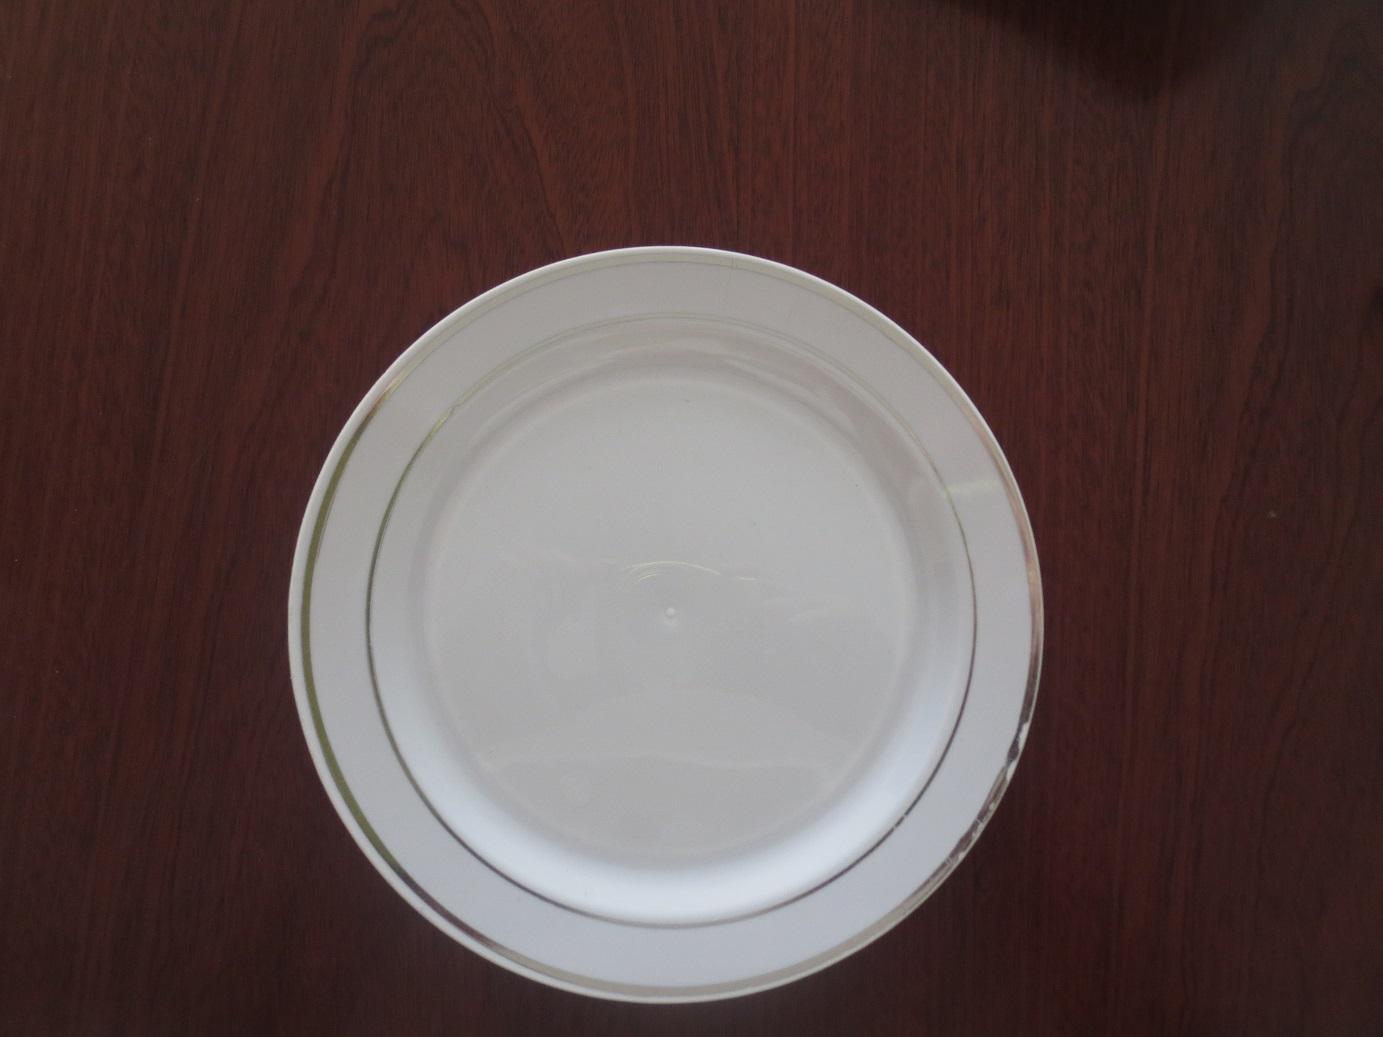 צלחות פלסטיק צלחות חד פעמיות כלים חד פעמיים יבוא כלים חד פעמיים יבוא צלחות צלחות אירוח מפלסטיק צלחות חד פעמיות מפוארות מהודרות